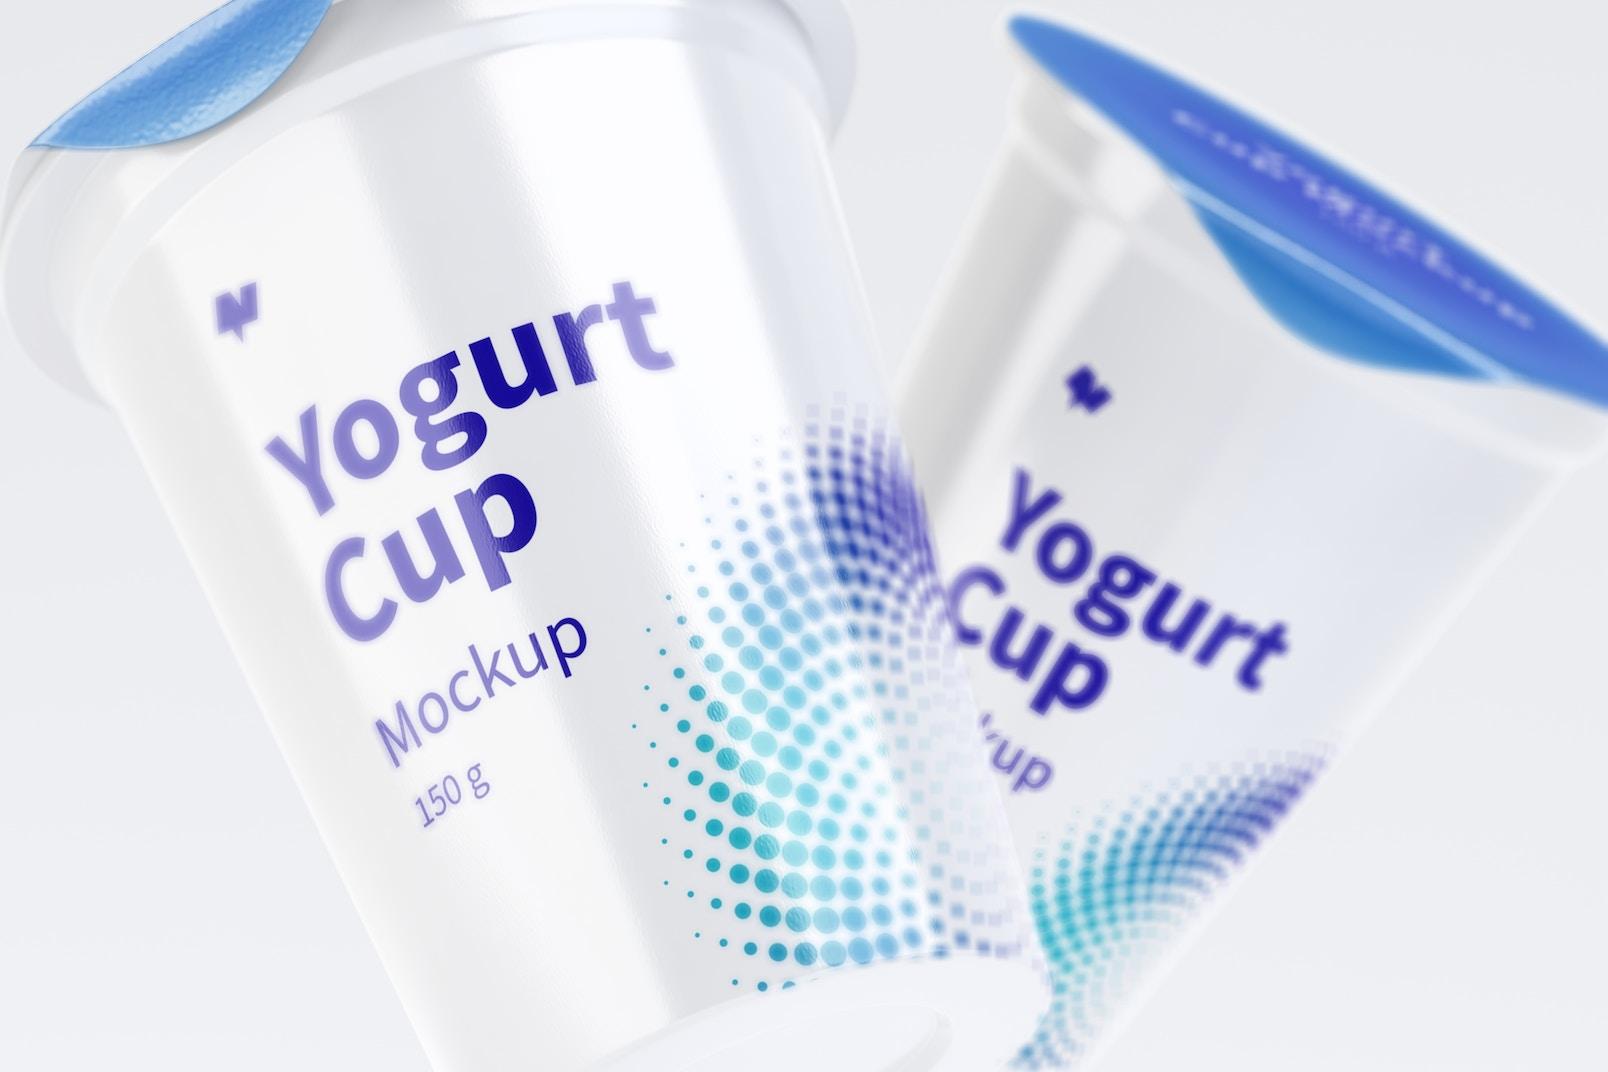 150 g Yogurt Cups Mockup, Close-Up